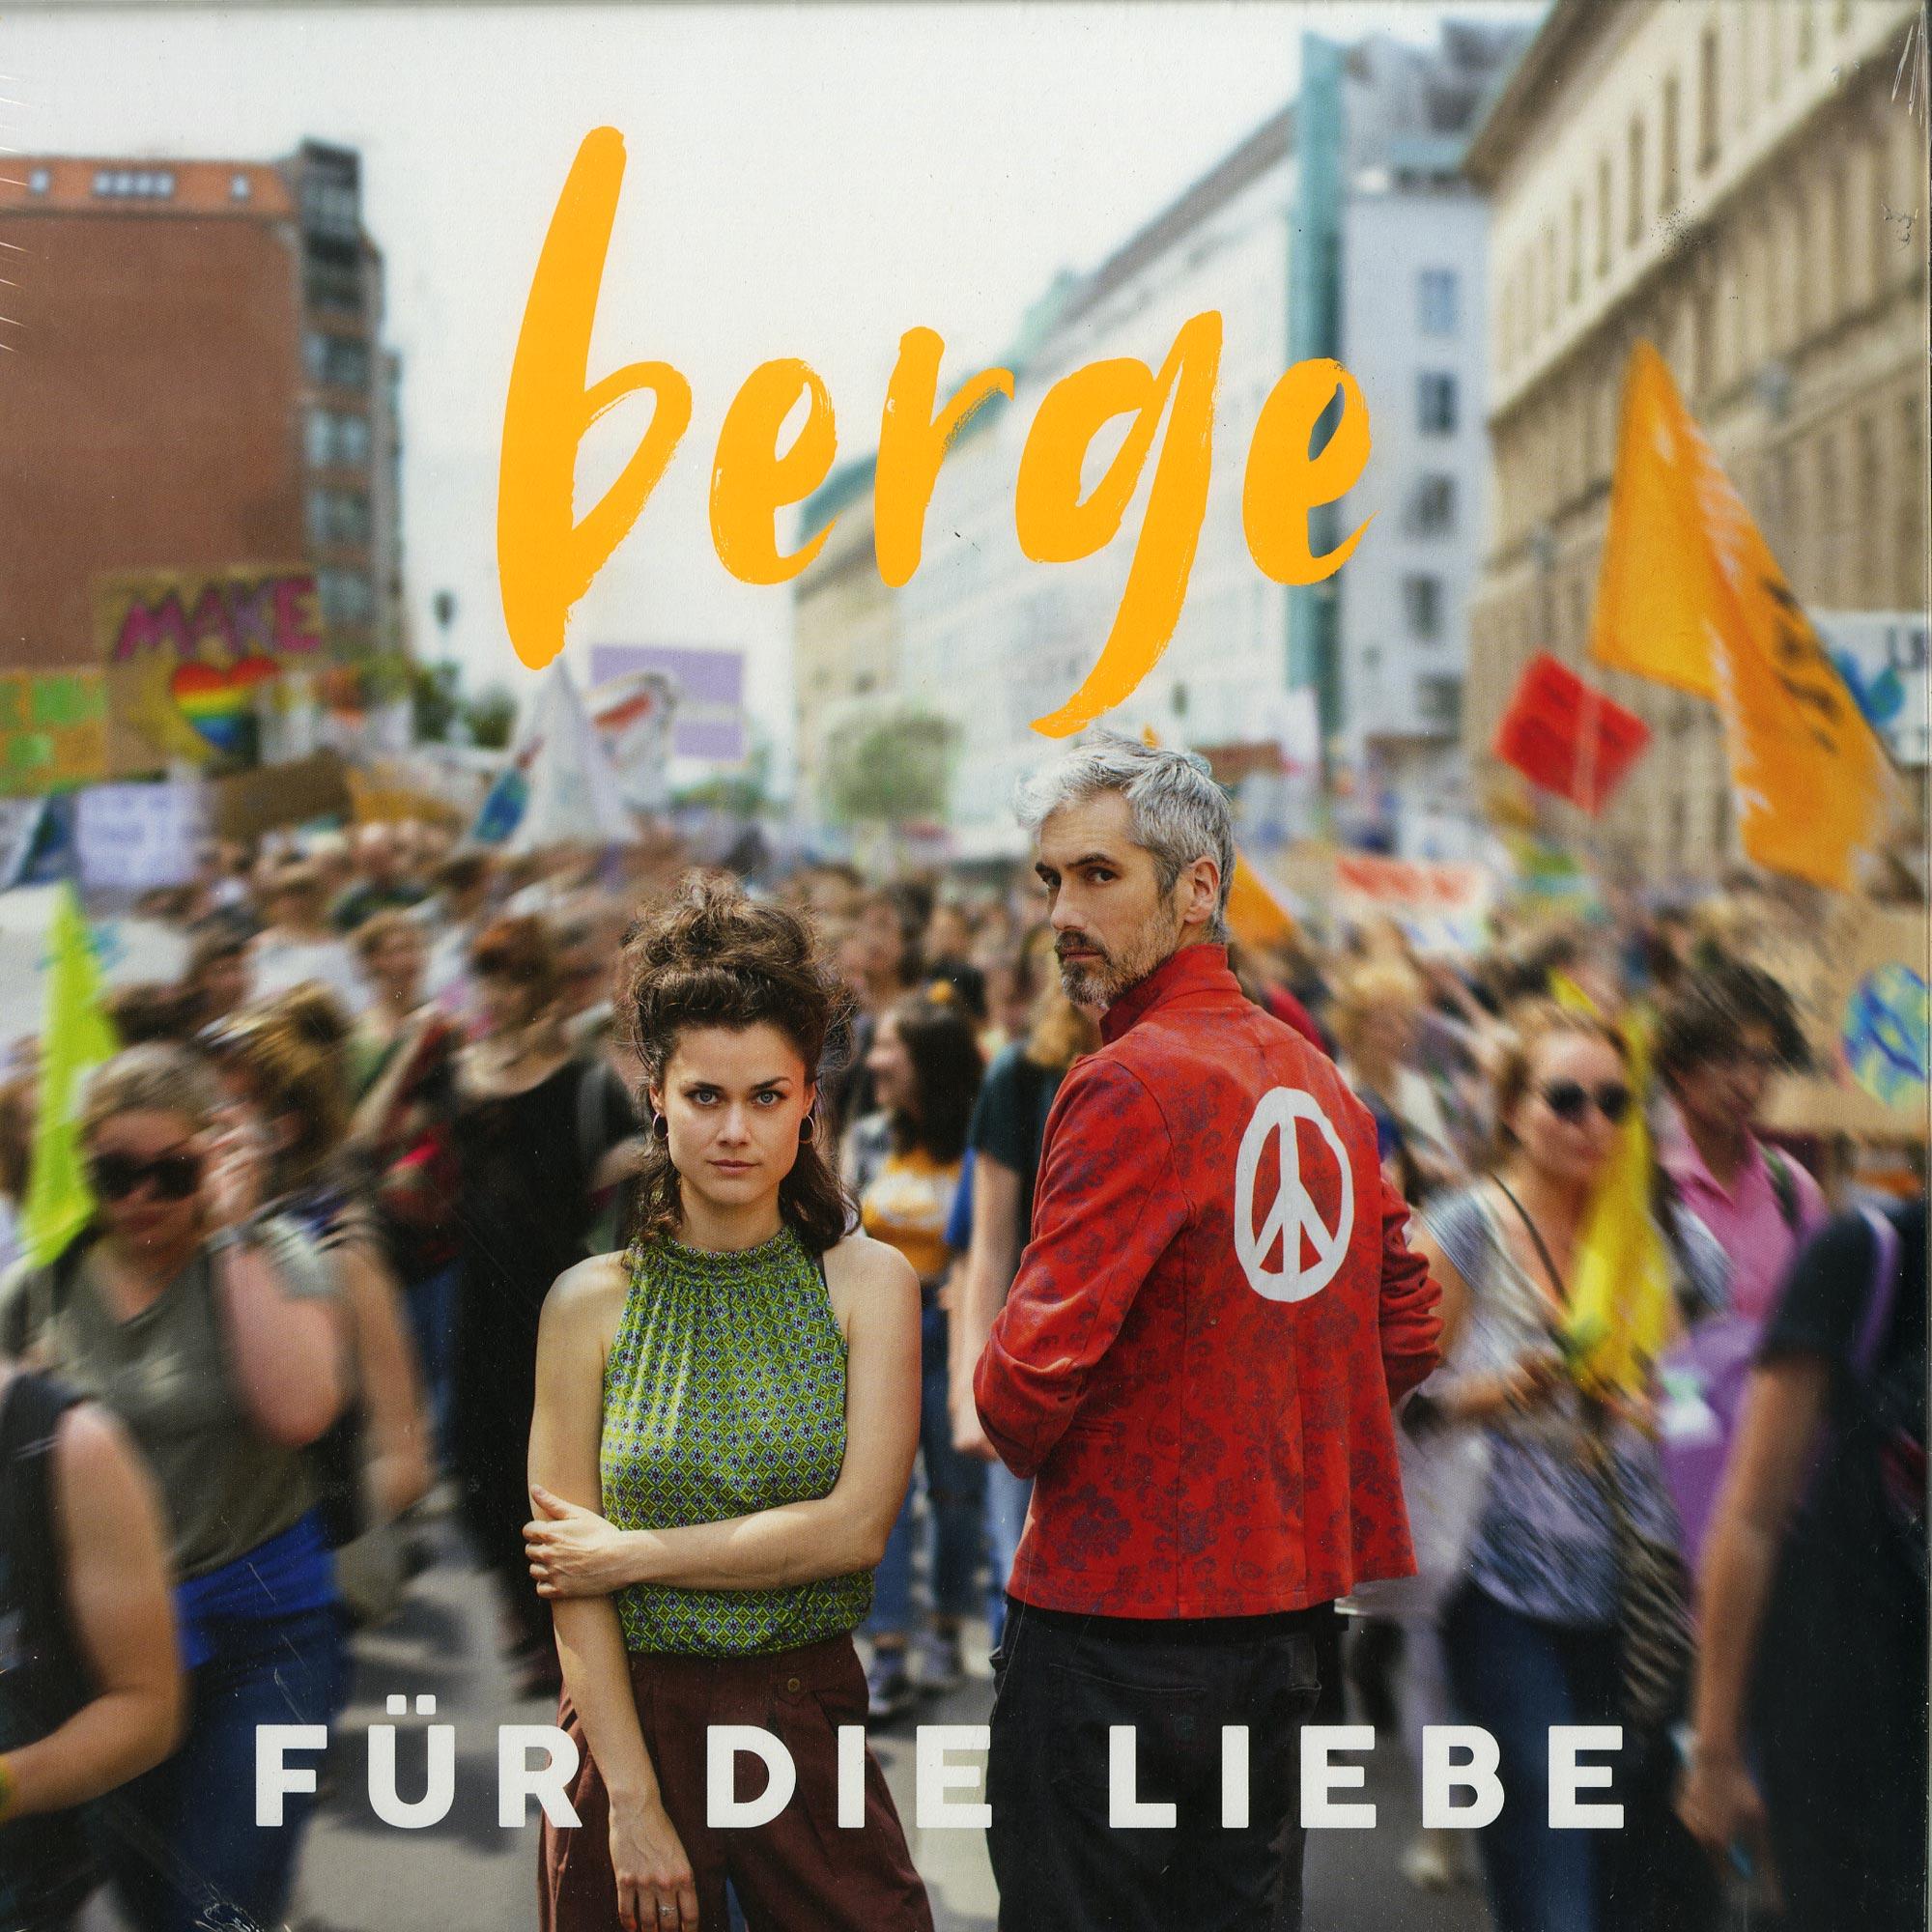 Berge - FUER DIE LIEBE